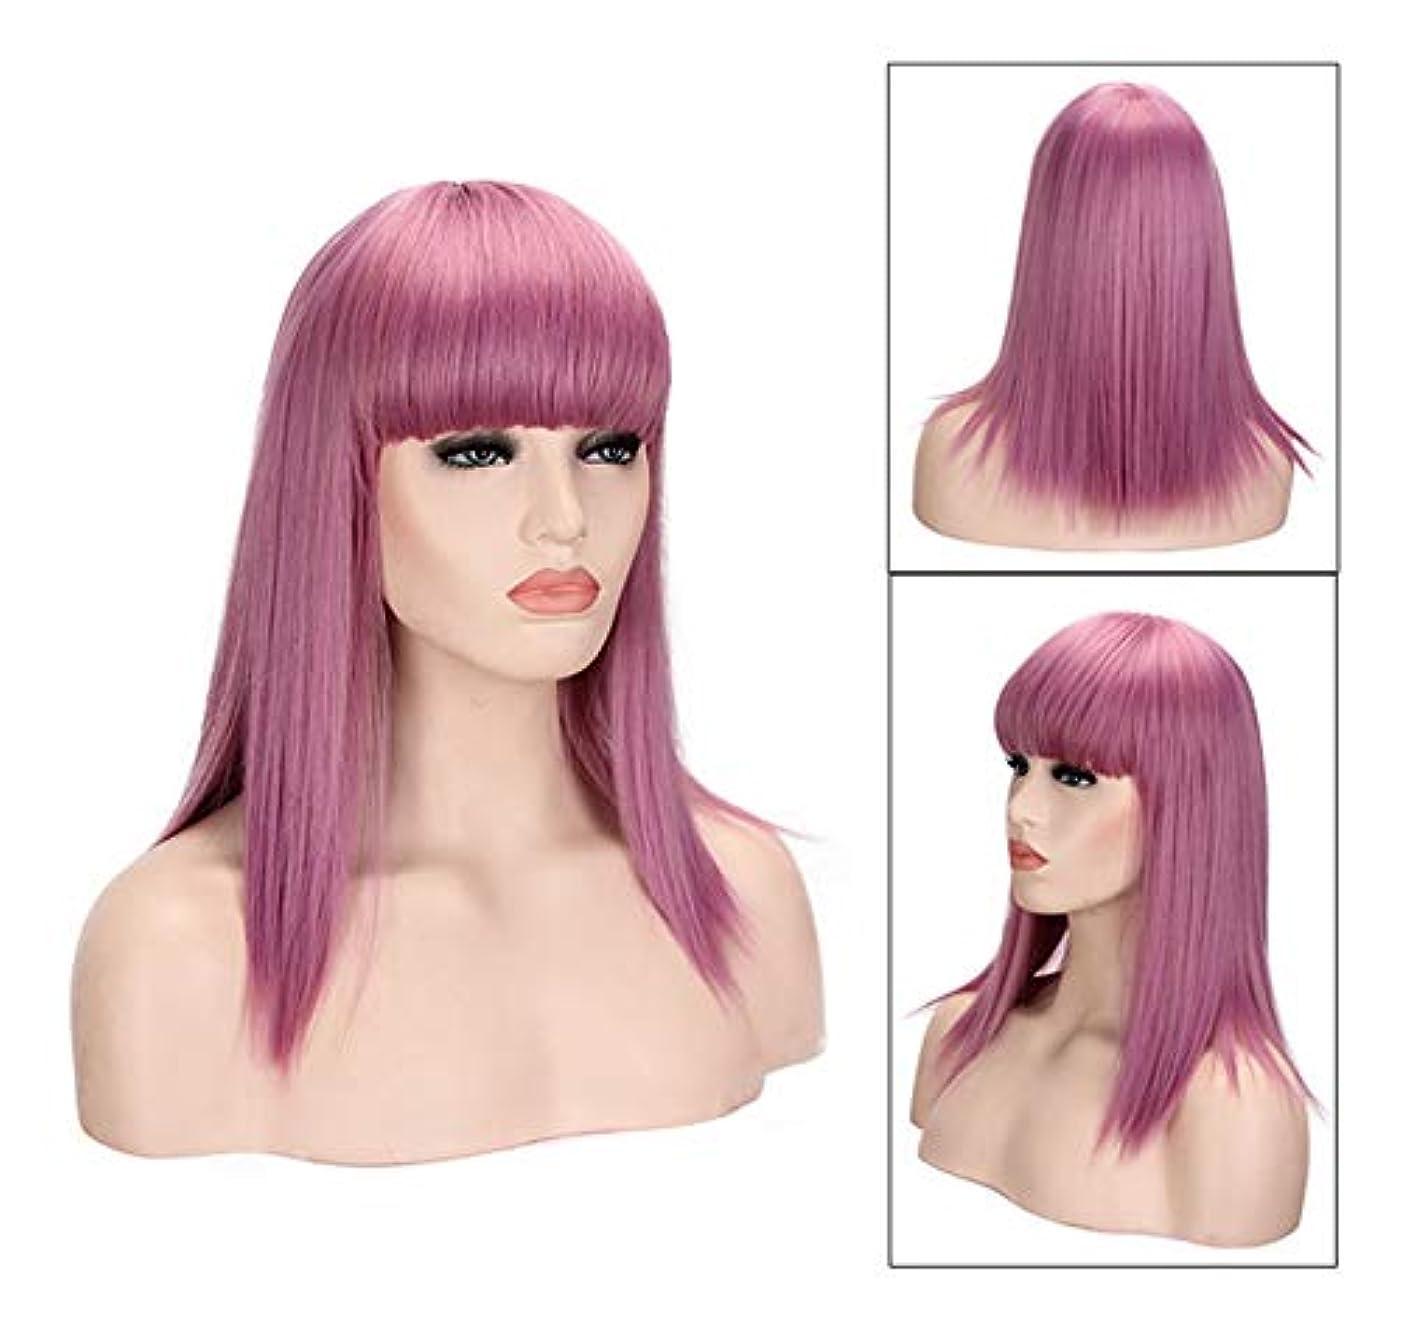 スクラブ別々にストラトフォードオンエイボン女性用フルウィッグ、コスプレパーティーデイリードレスのヘアピースの前髪と自然なピンク合成ミディアムロングストレートの髪